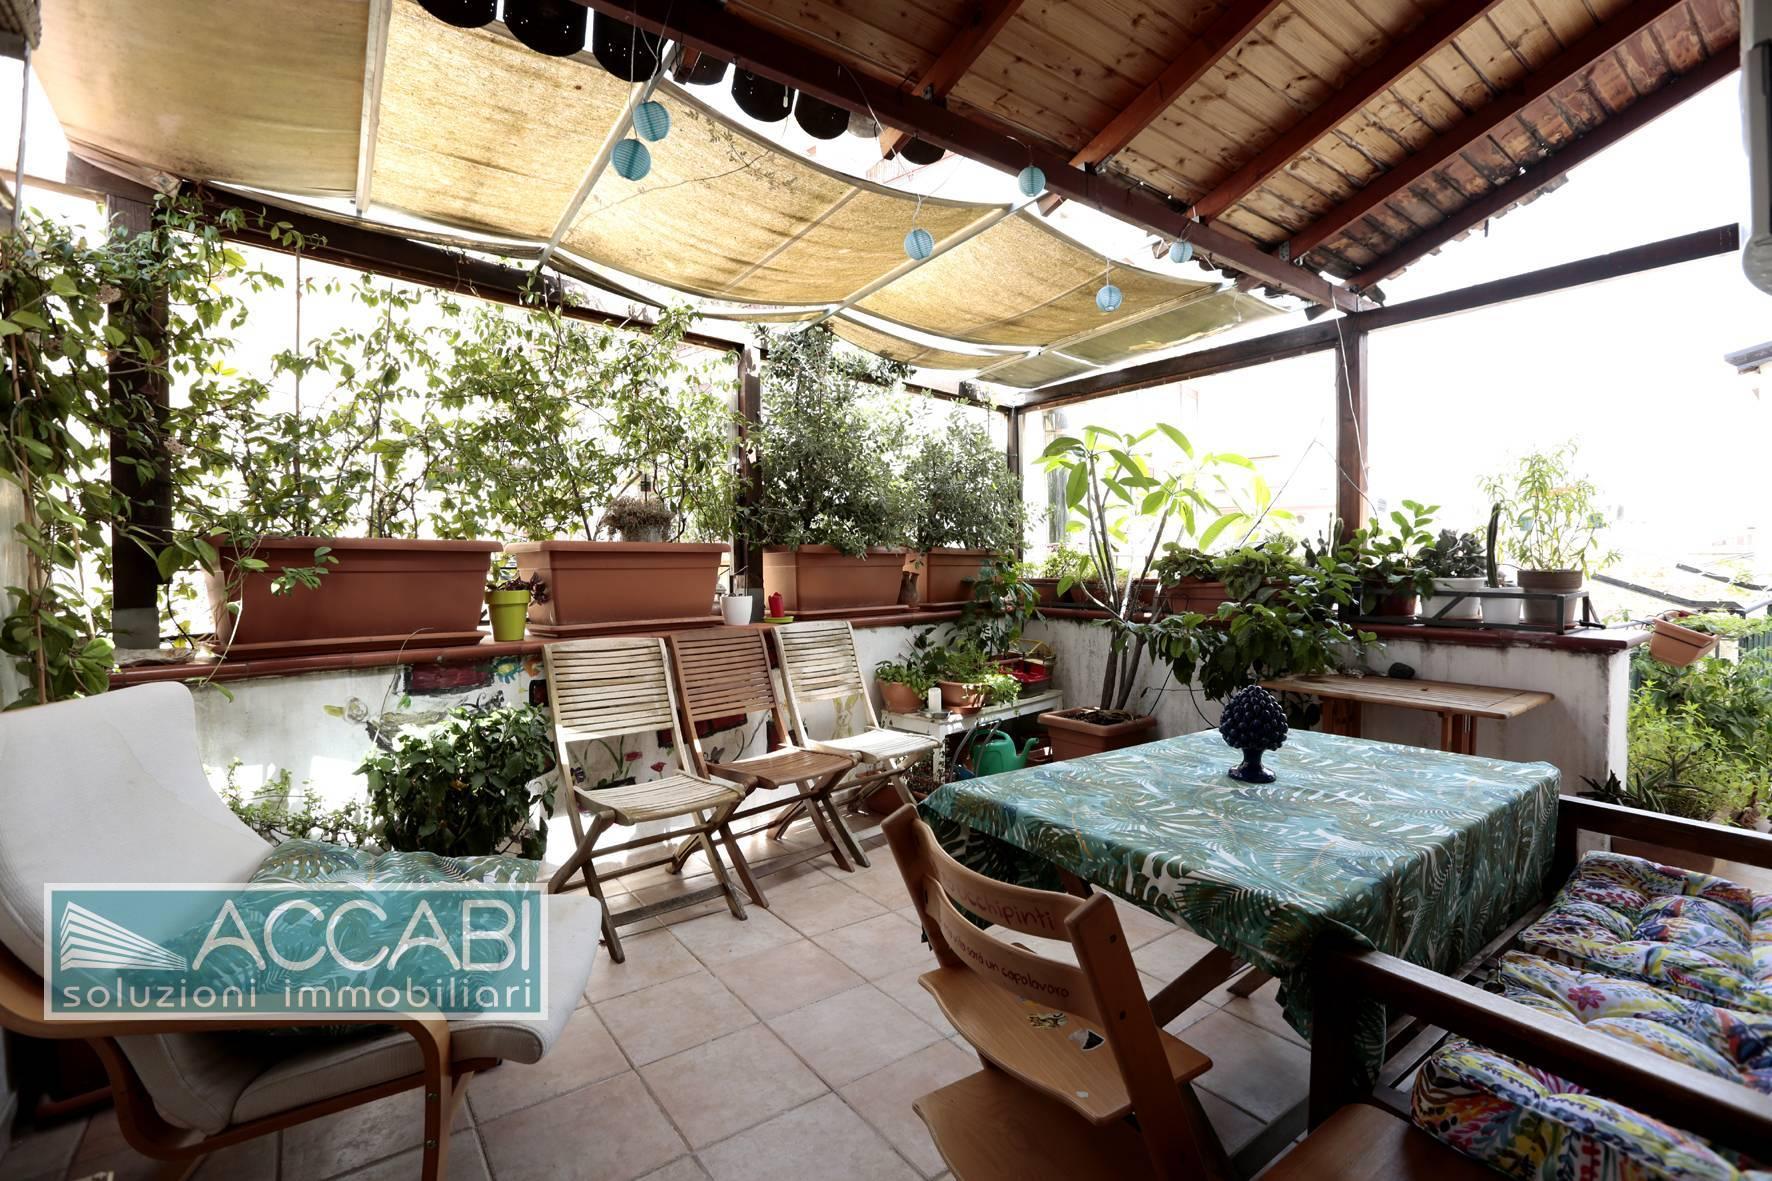 Appartamento in vendita a Palermo, 4 locali, zona tafimi, prezzo € 180.000   PortaleAgenzieImmobiliari.it